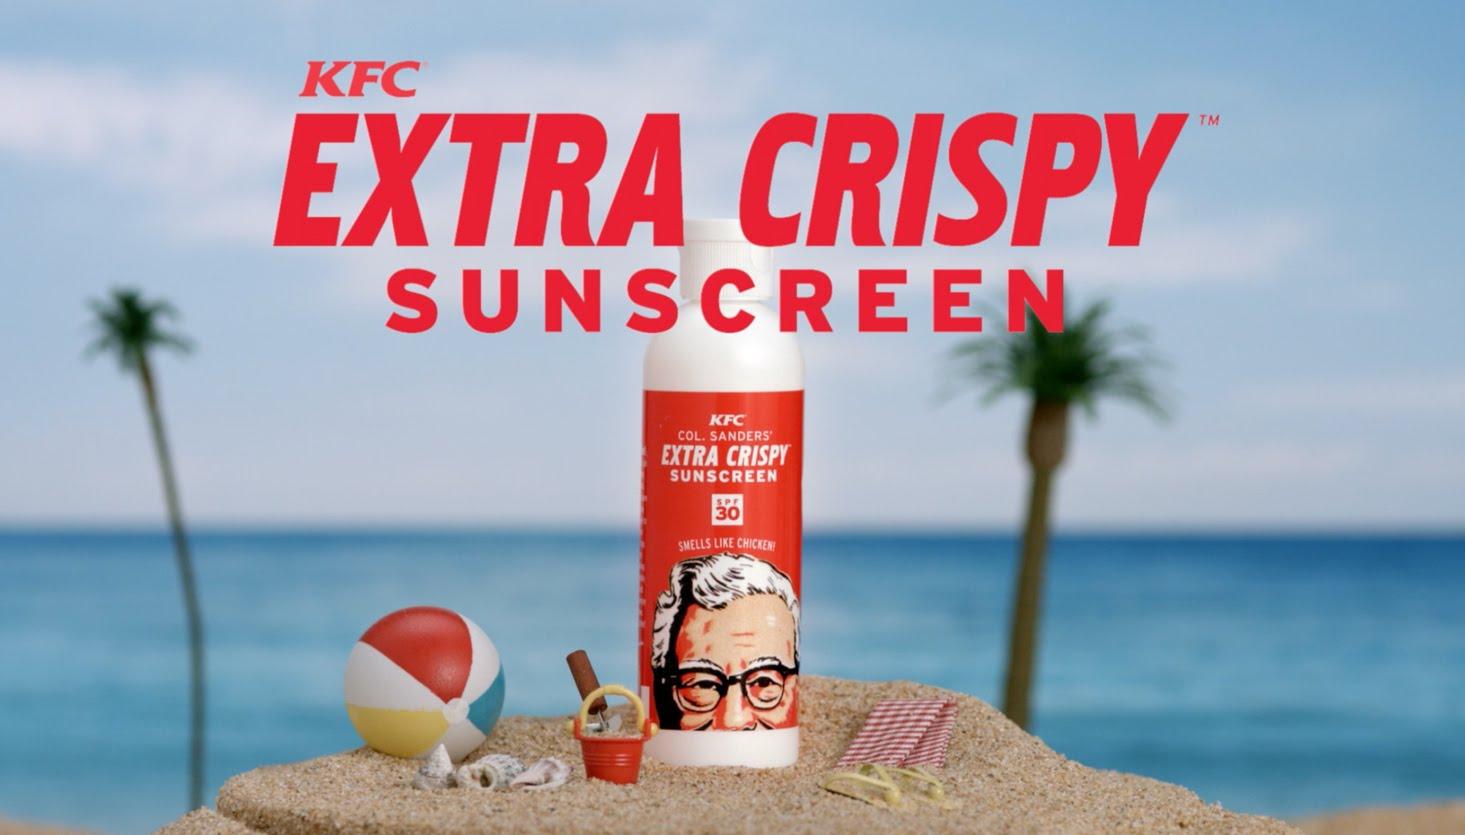 【絕對不是整人廣告】肯德基防曬乳,讓你像炸雞一樣香噴噴!